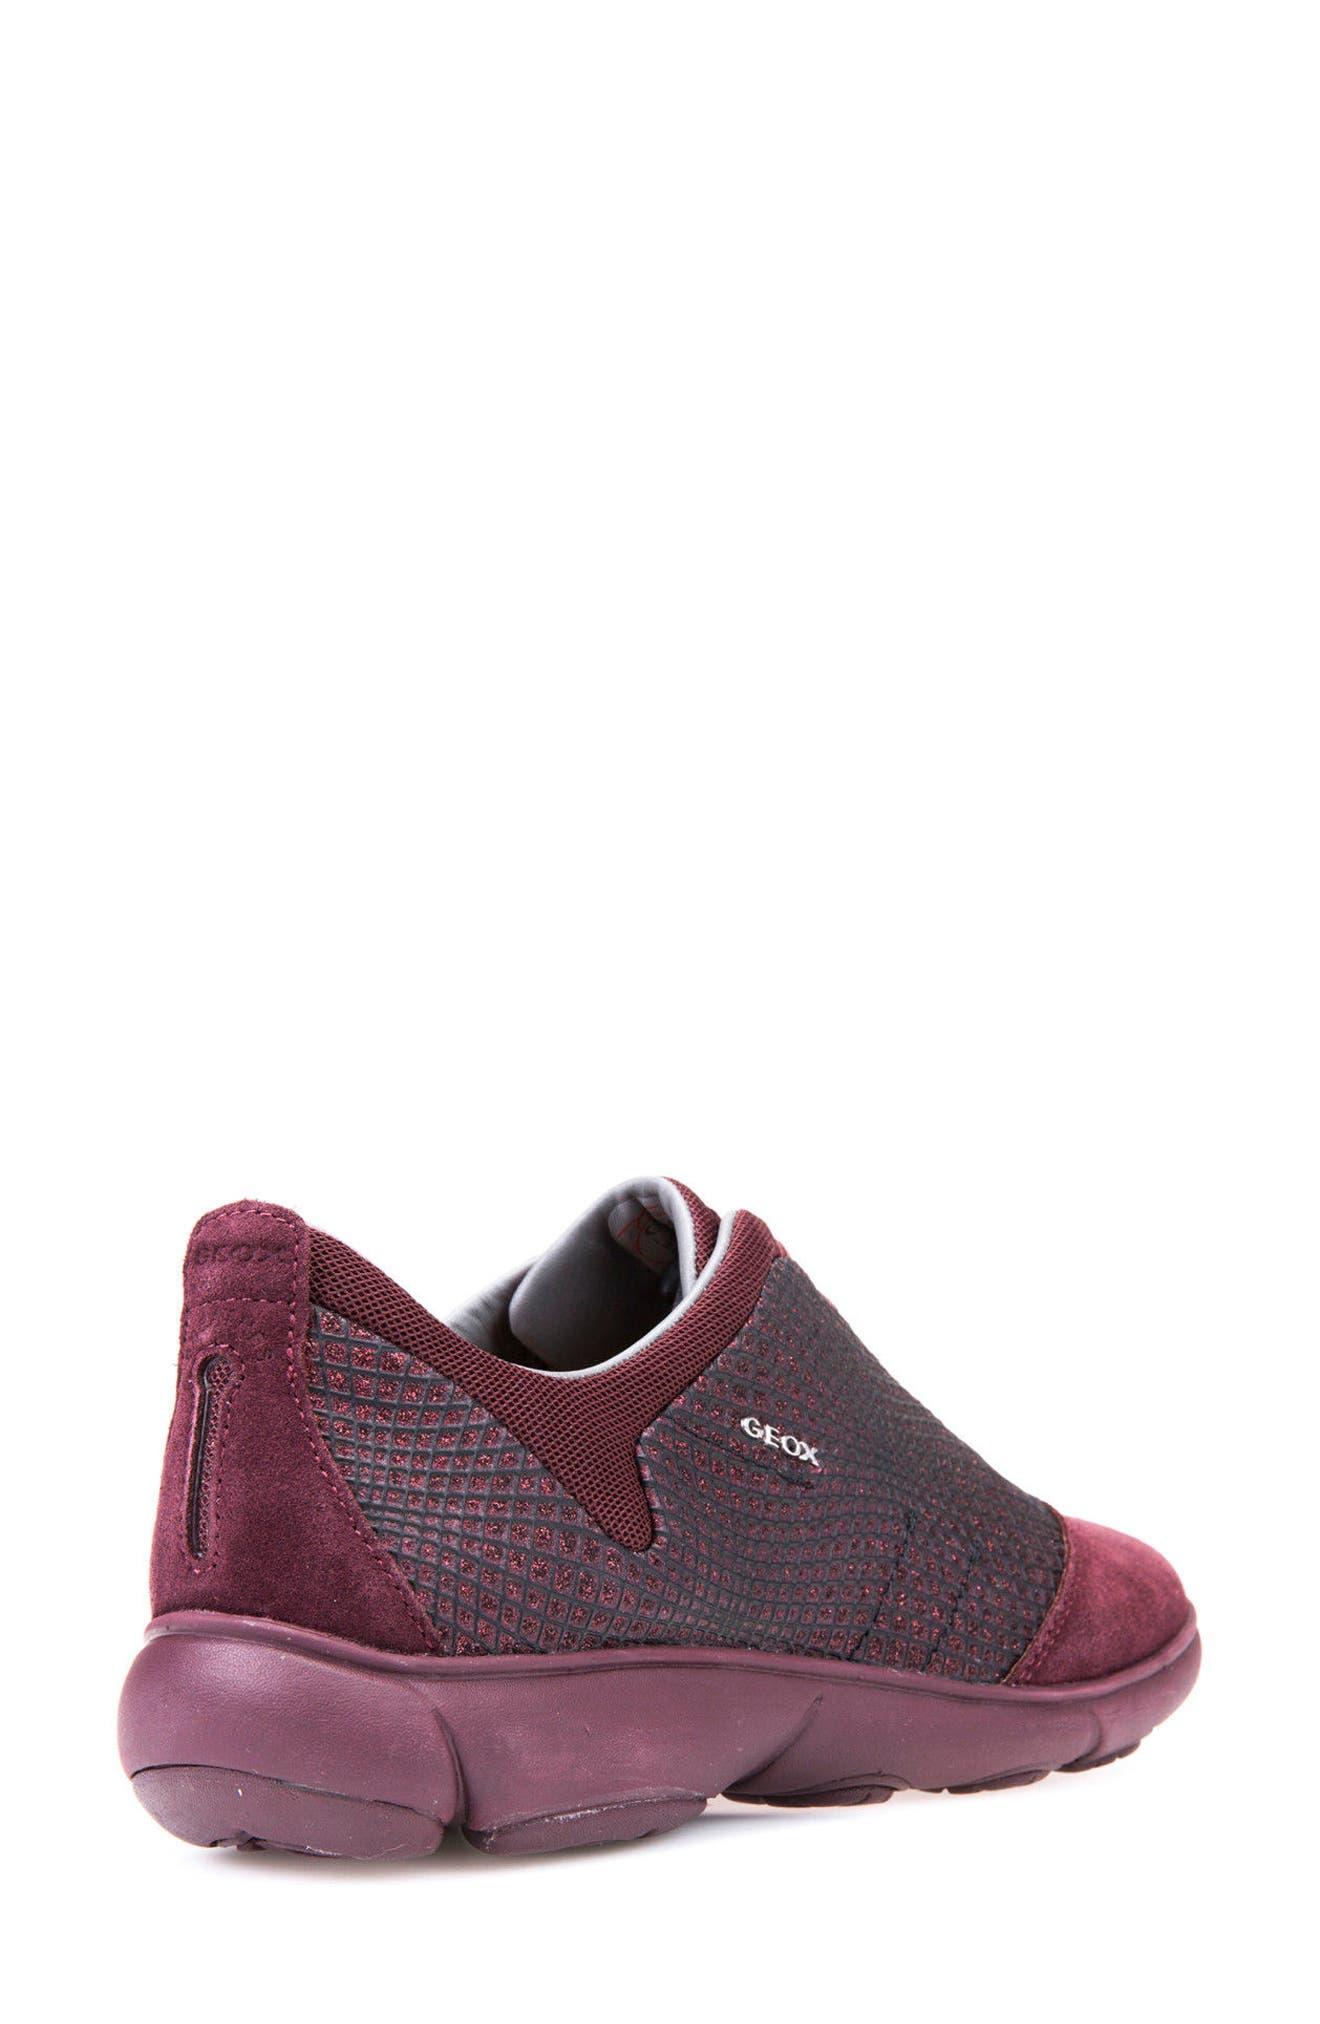 Nebula Slip-On Sneaker,                             Alternate thumbnail 19, color,